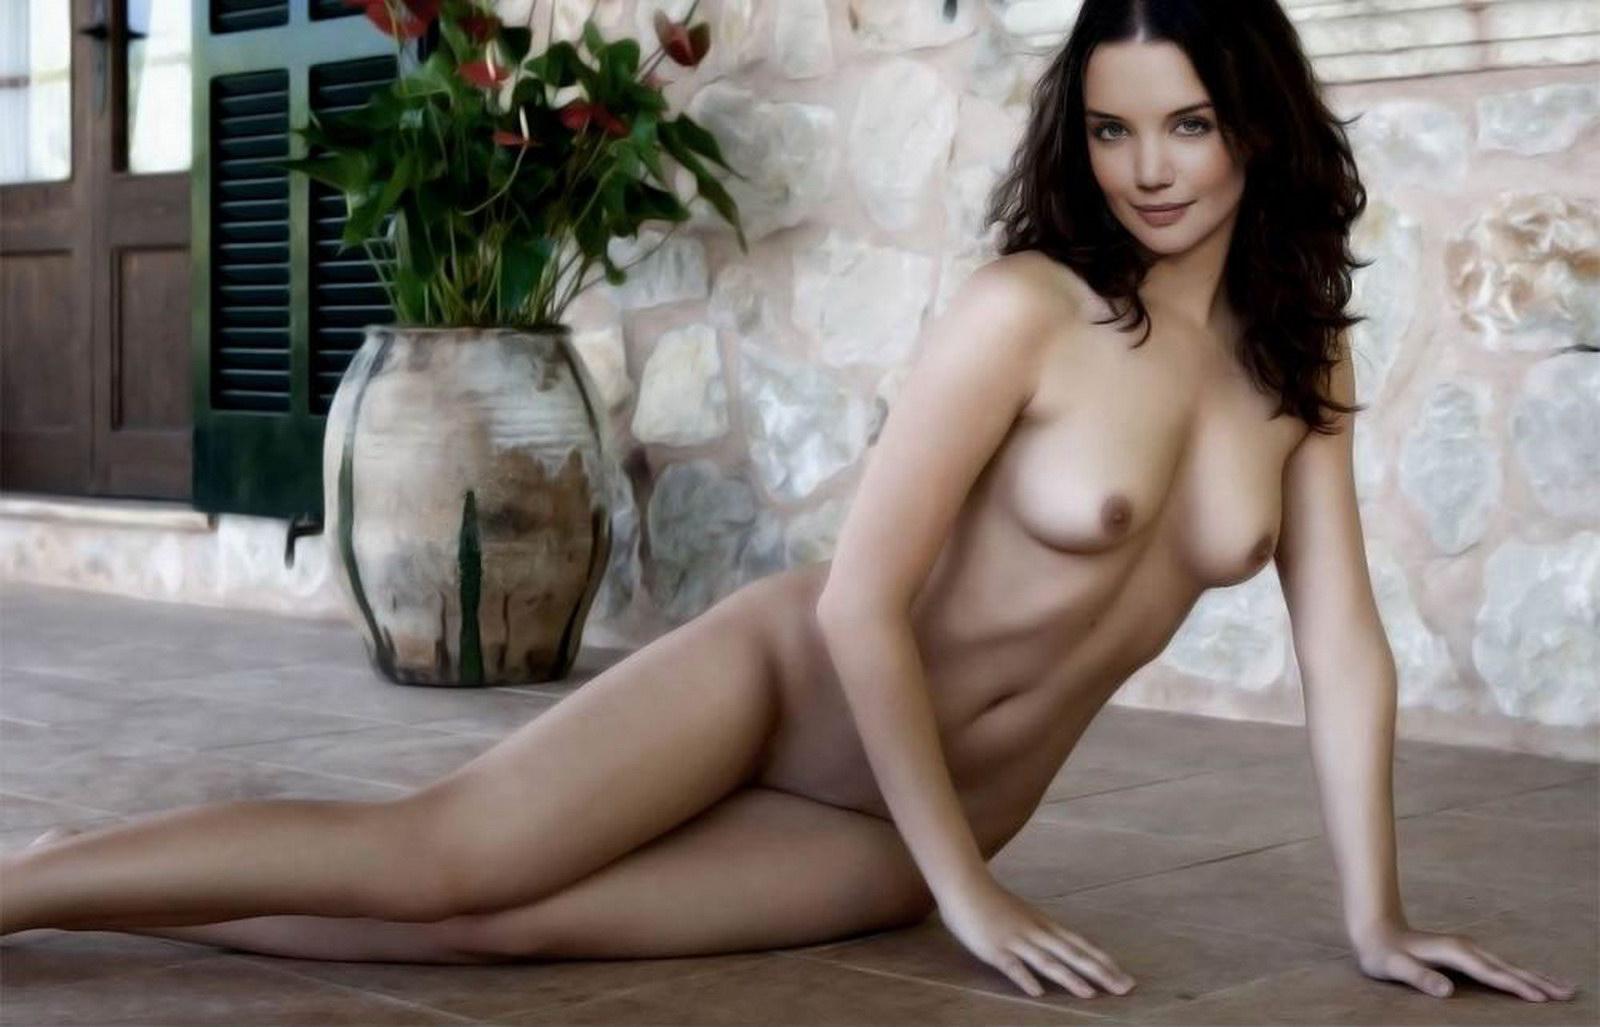 beautiful image about naked girls and jangle